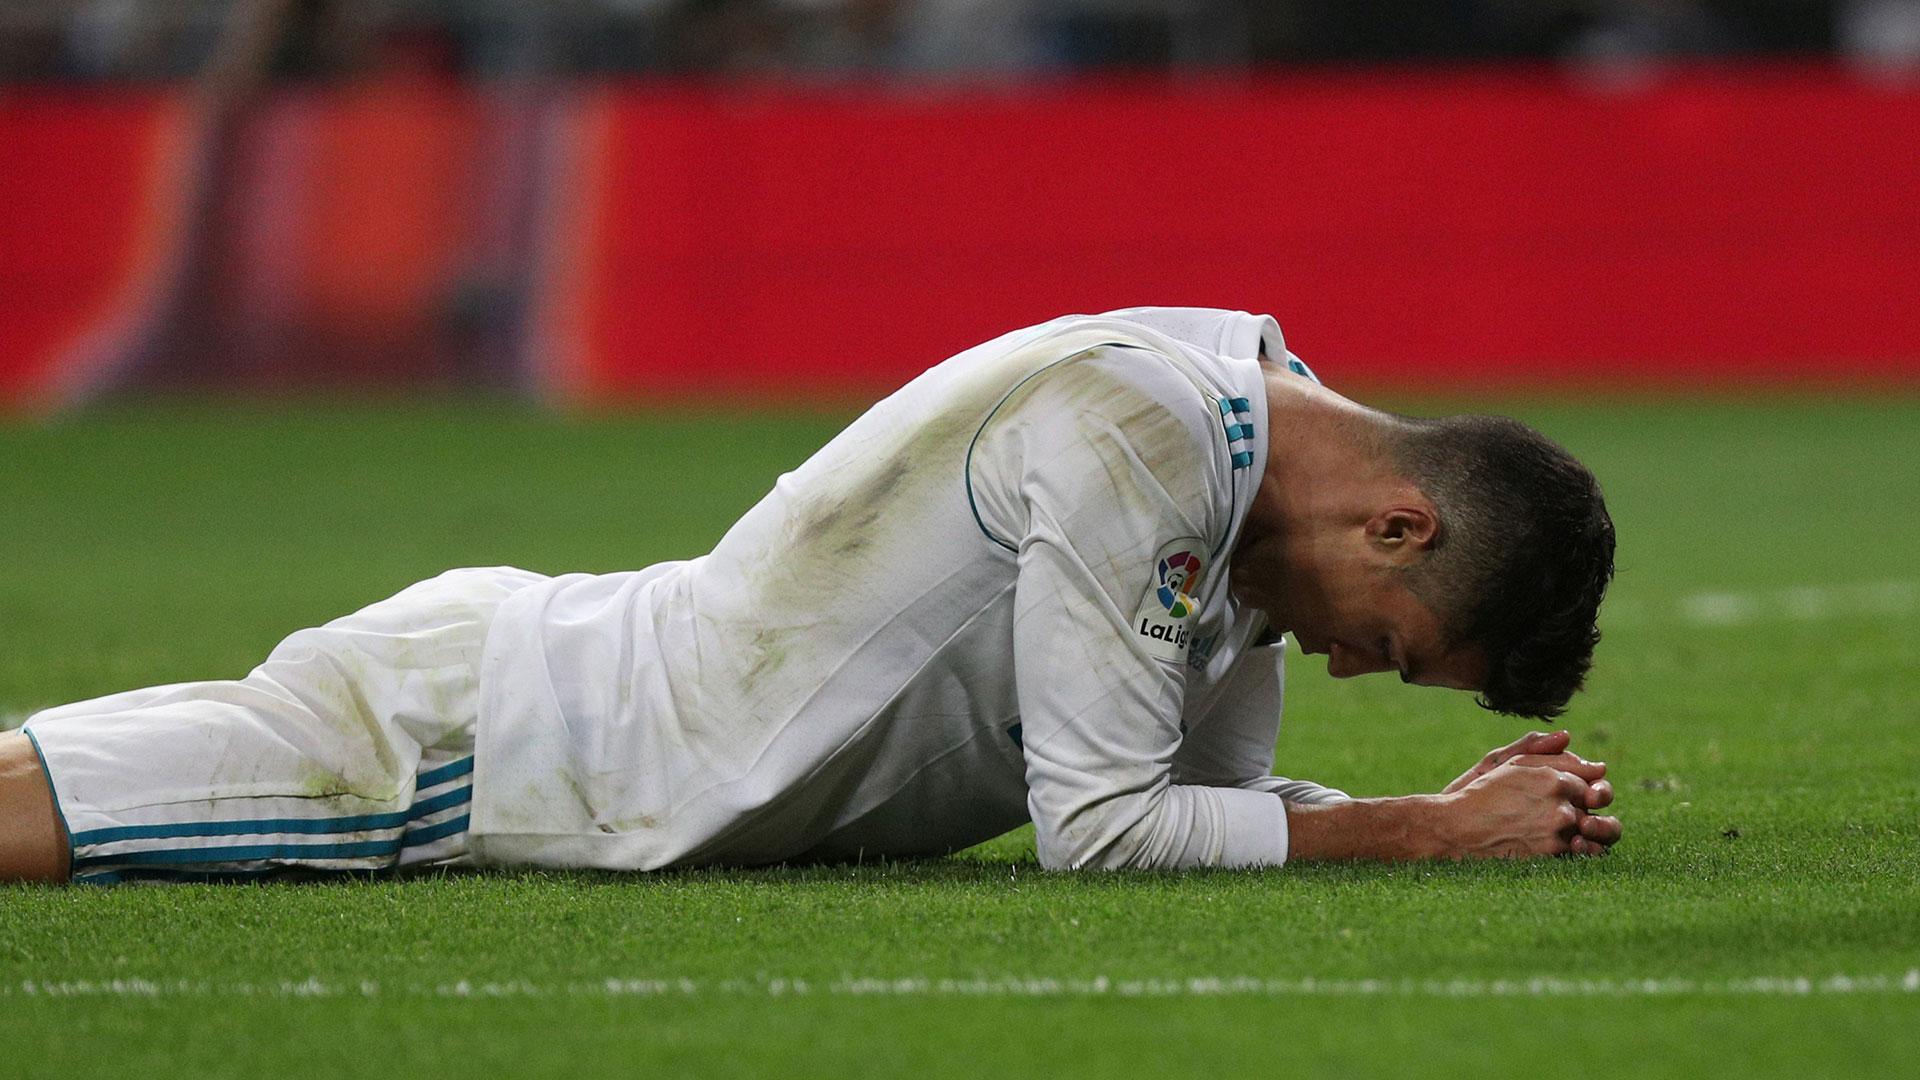 El Real Madrid cayó 1-0 ante el Betis en el Santiago Bernabéu